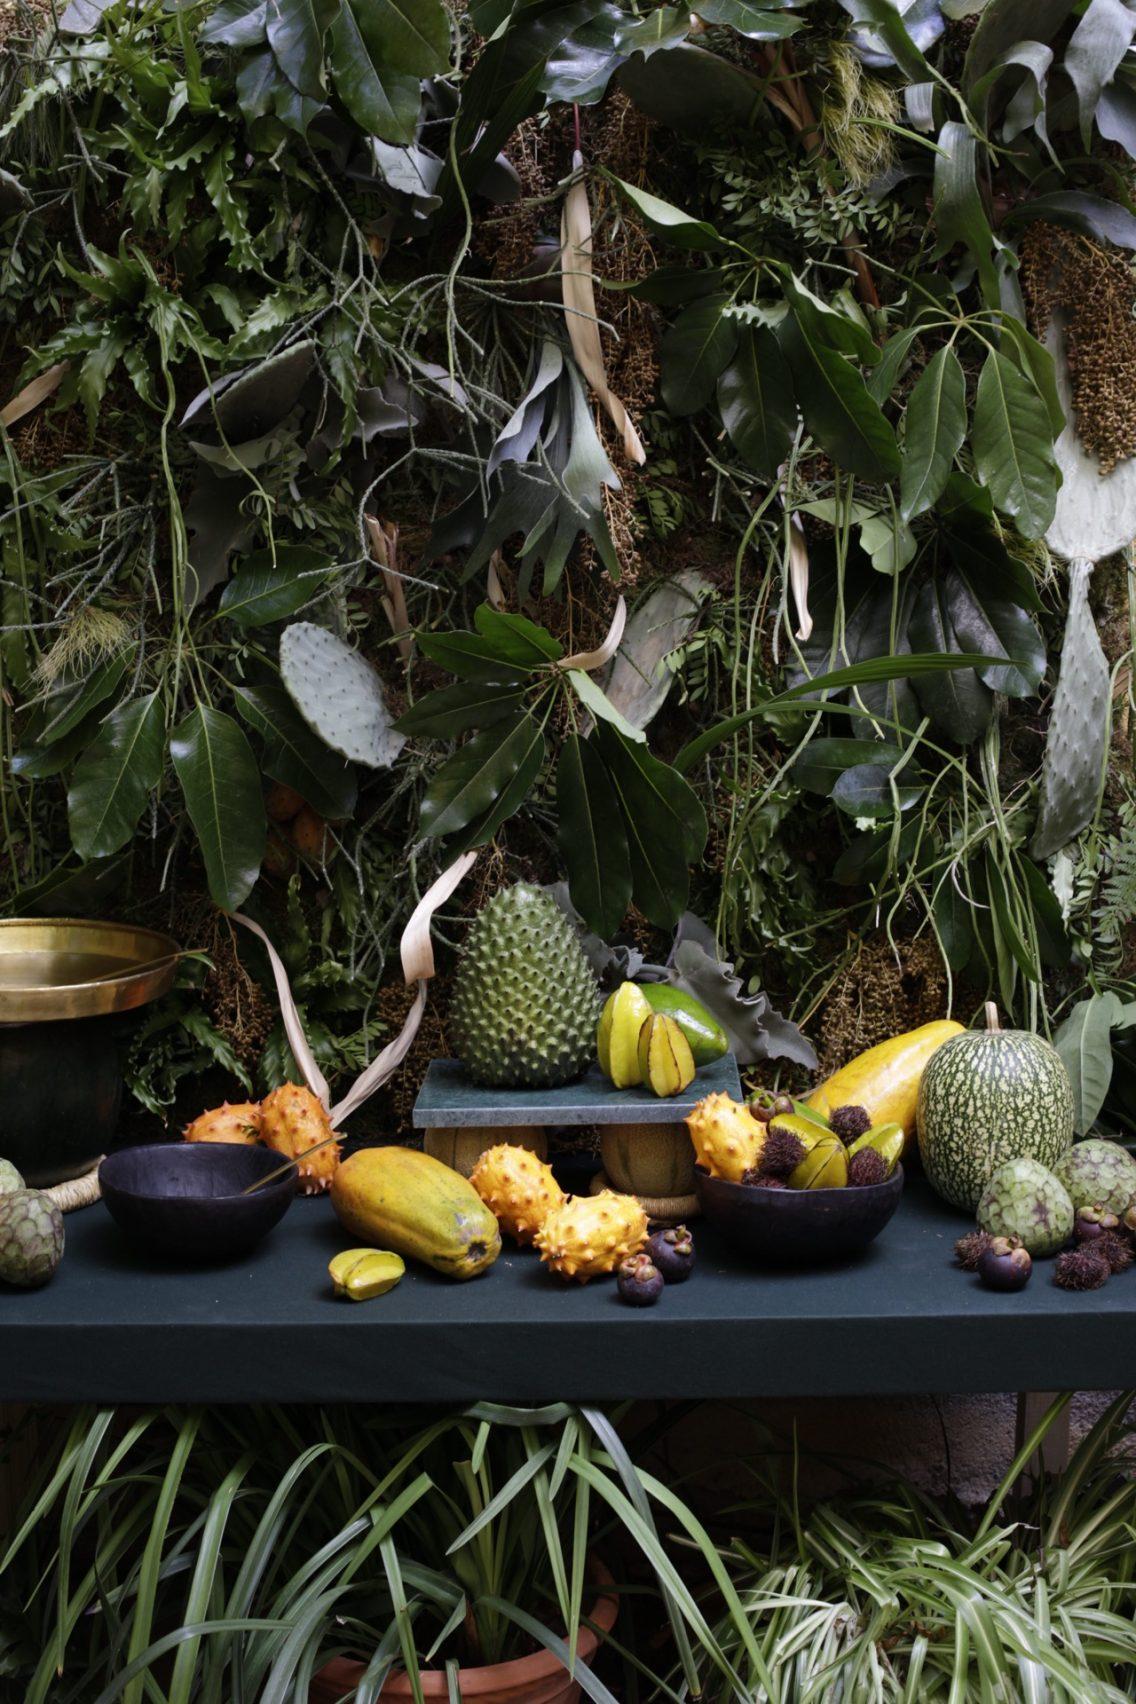 El precioso bodegón de frutas tropicales que hizo Pepi para el evento de Hermés